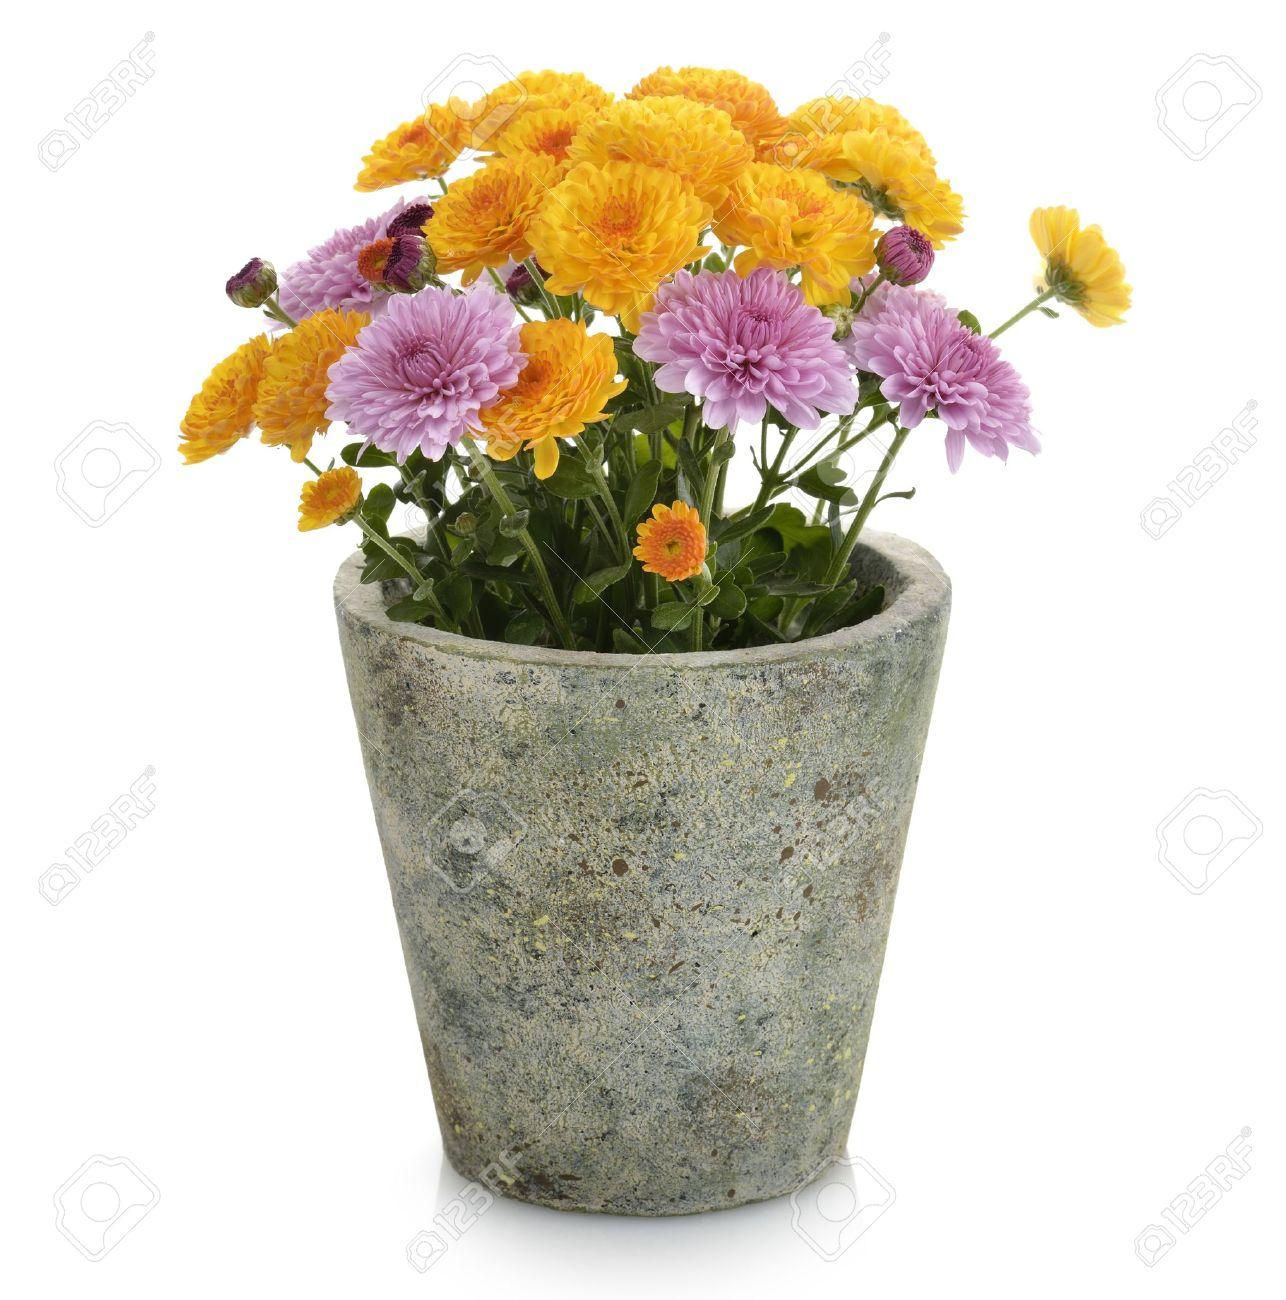 226 & Mums Flowers In A Flower Pot